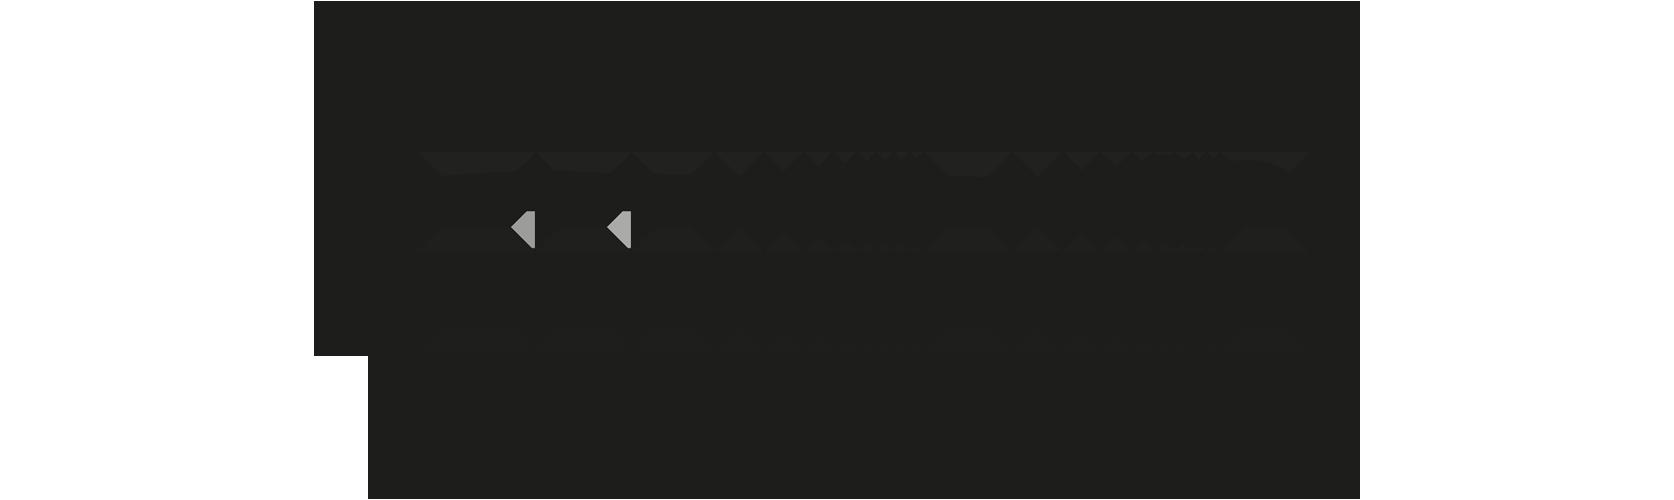 Shure SM27 Micrófono de condensador profesional de gran diafragma Imagen de la curva de la respuesta en frecuencia